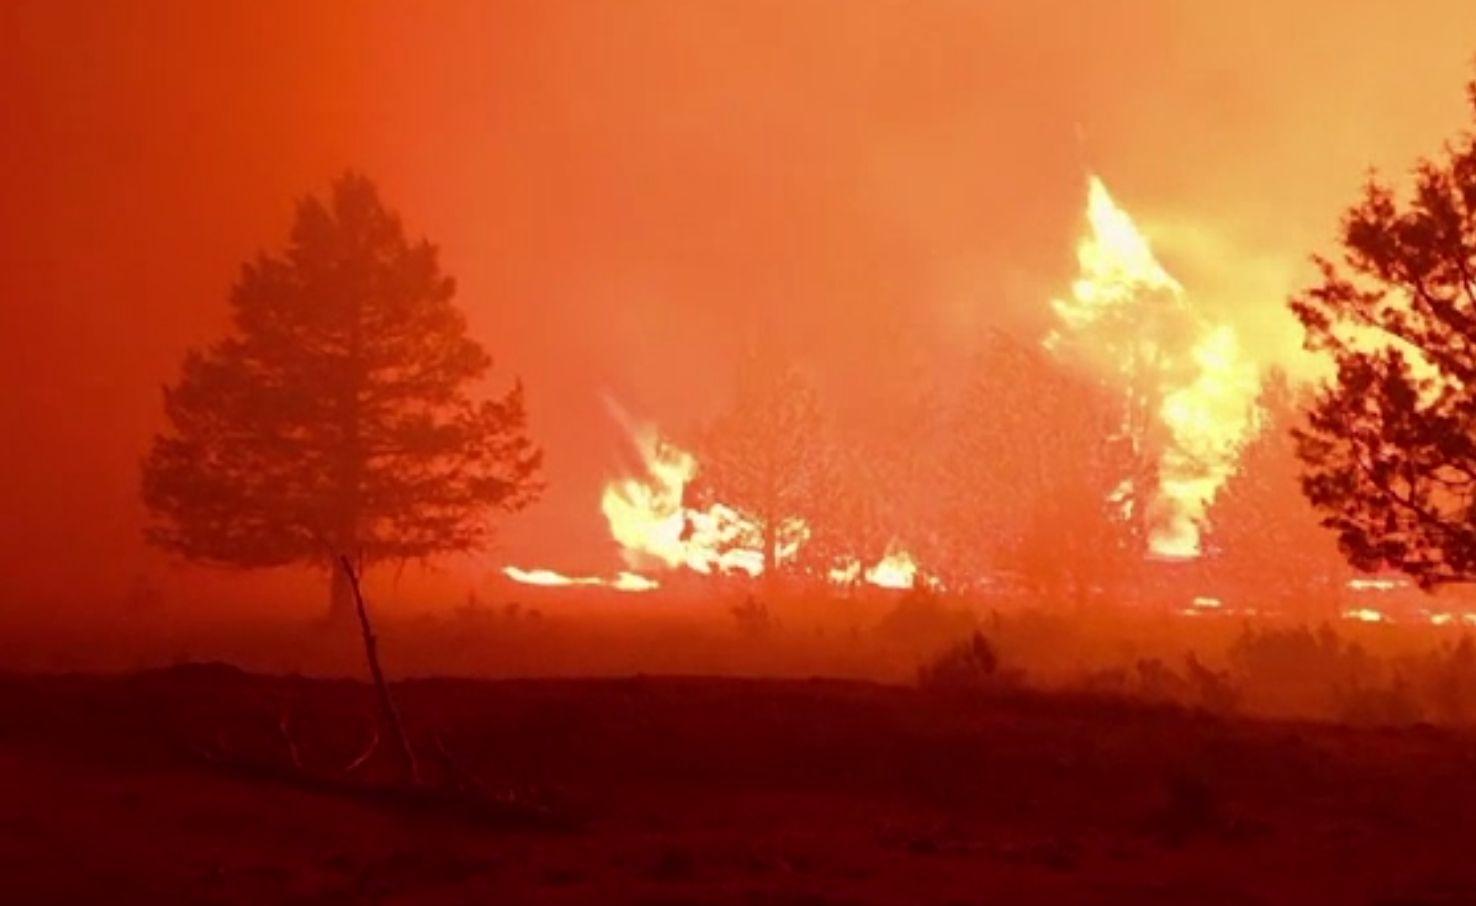 Incendii majore de vegetație în vestul SUA. Sunt cel puțin 16 focare